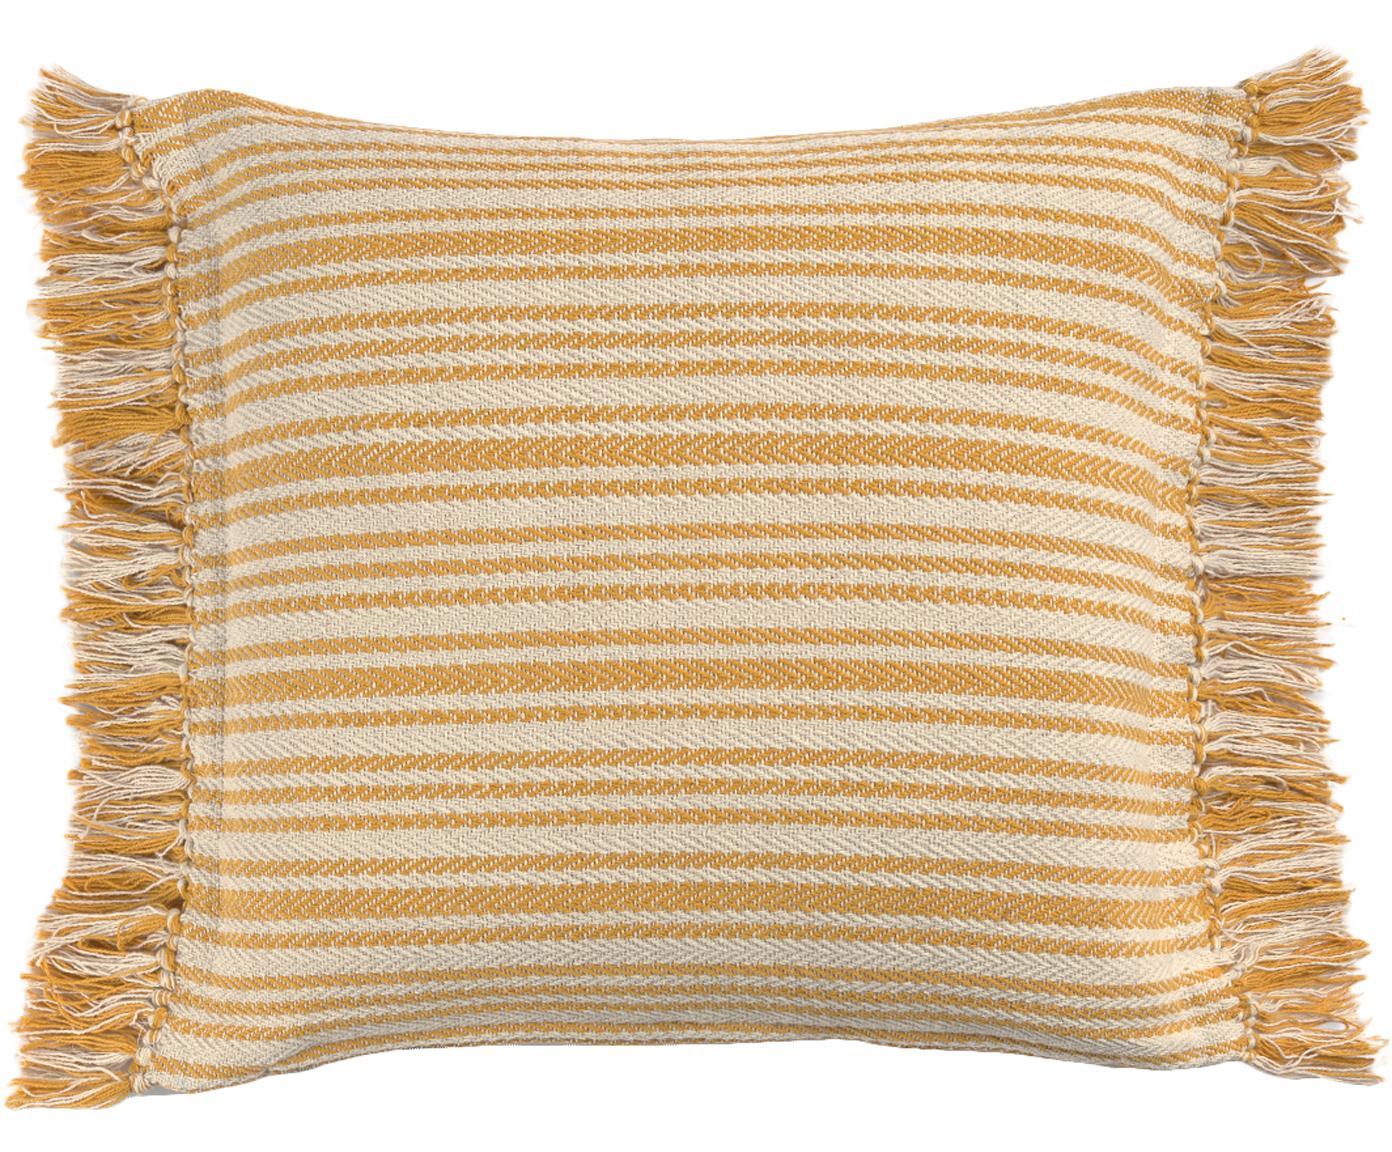 Gestreifte Kissenhülle Puket, 100% Baumwolle, Gebrochenes Weiss, Senfgelb, 45 x 45 cm